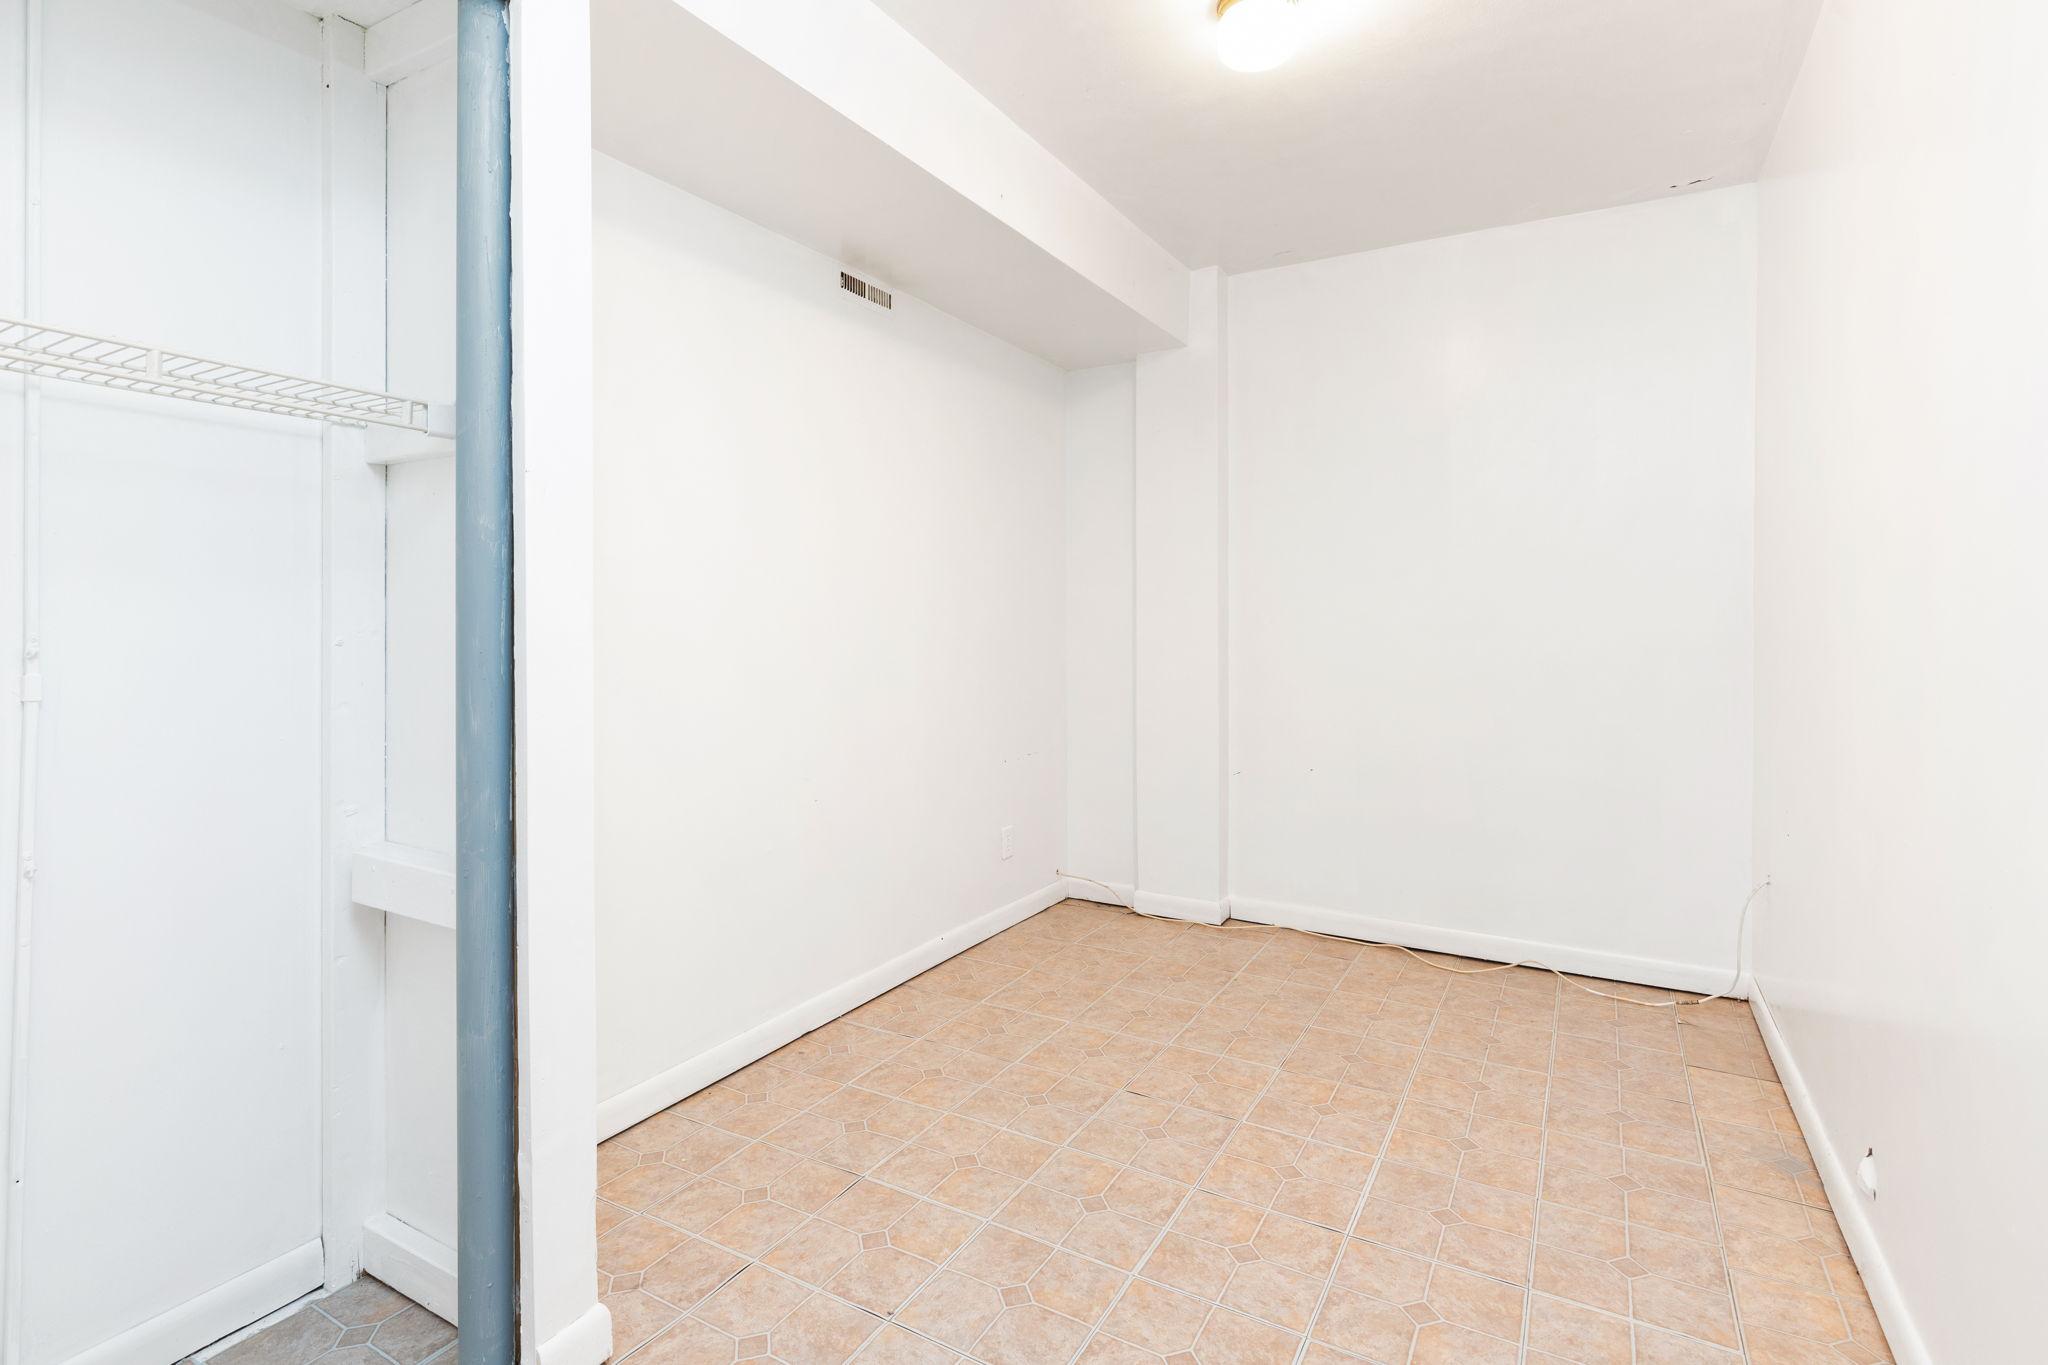 Basement Room #2